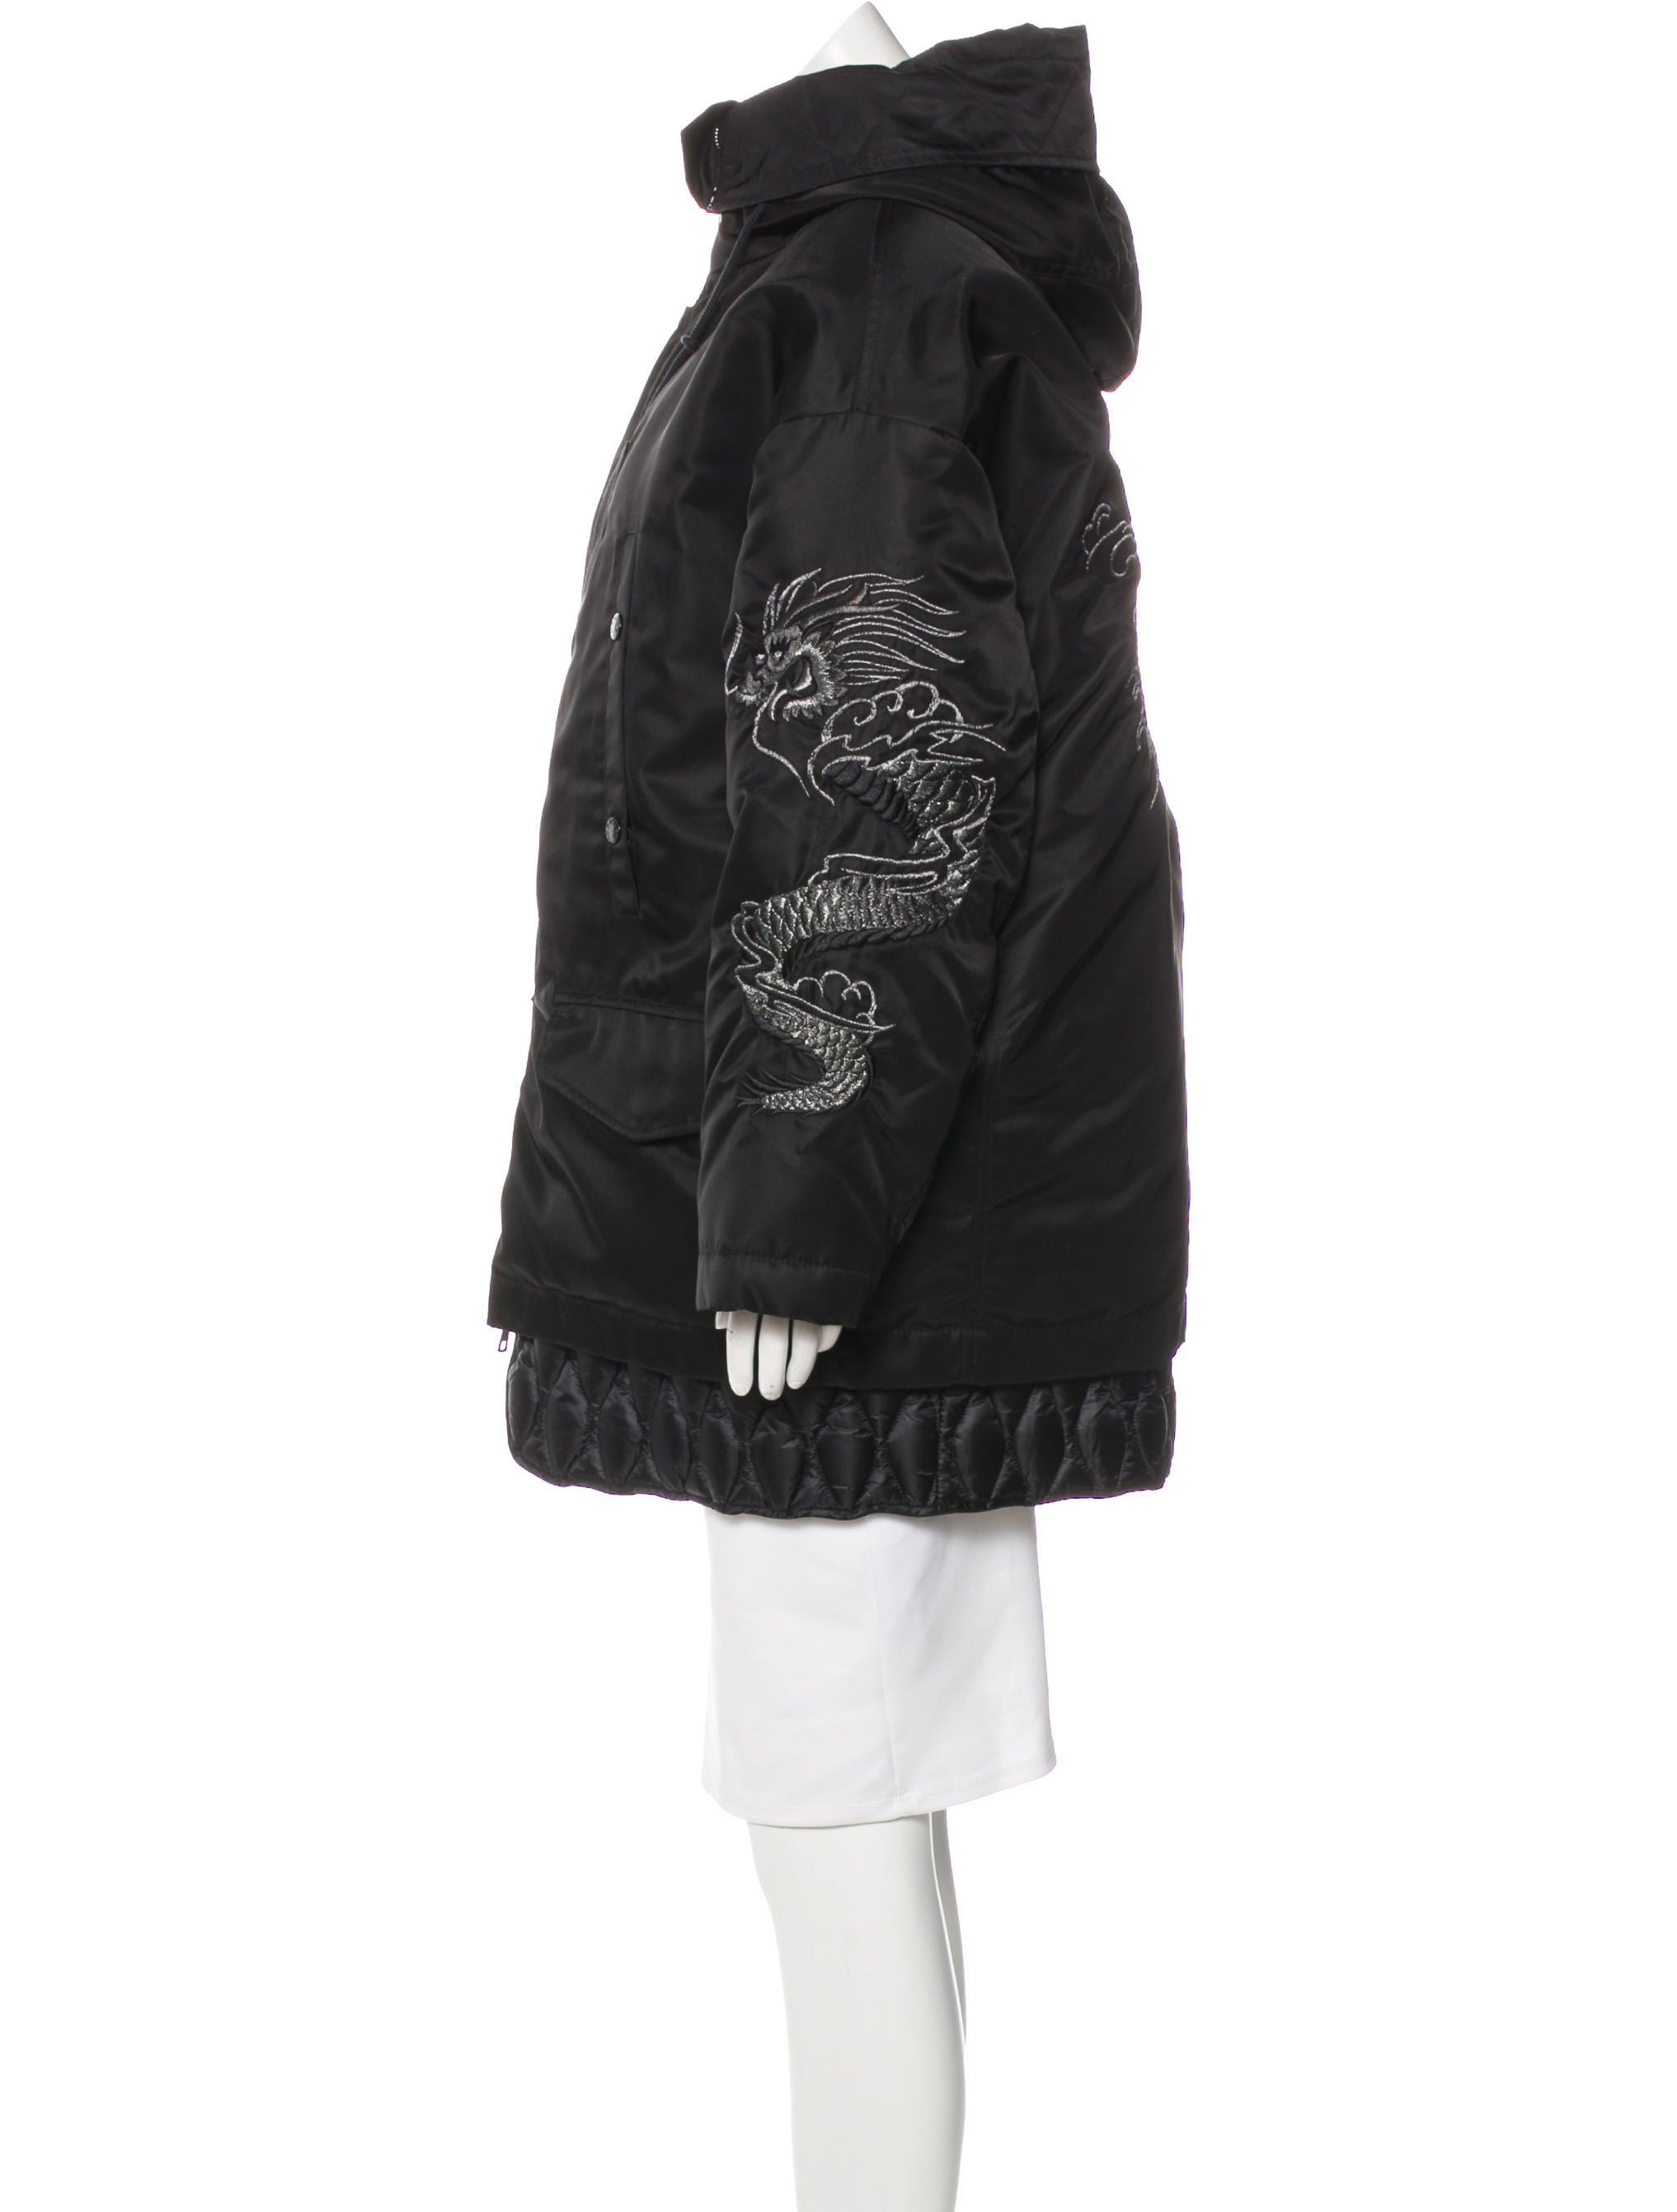 moncler ibuki hooded parka